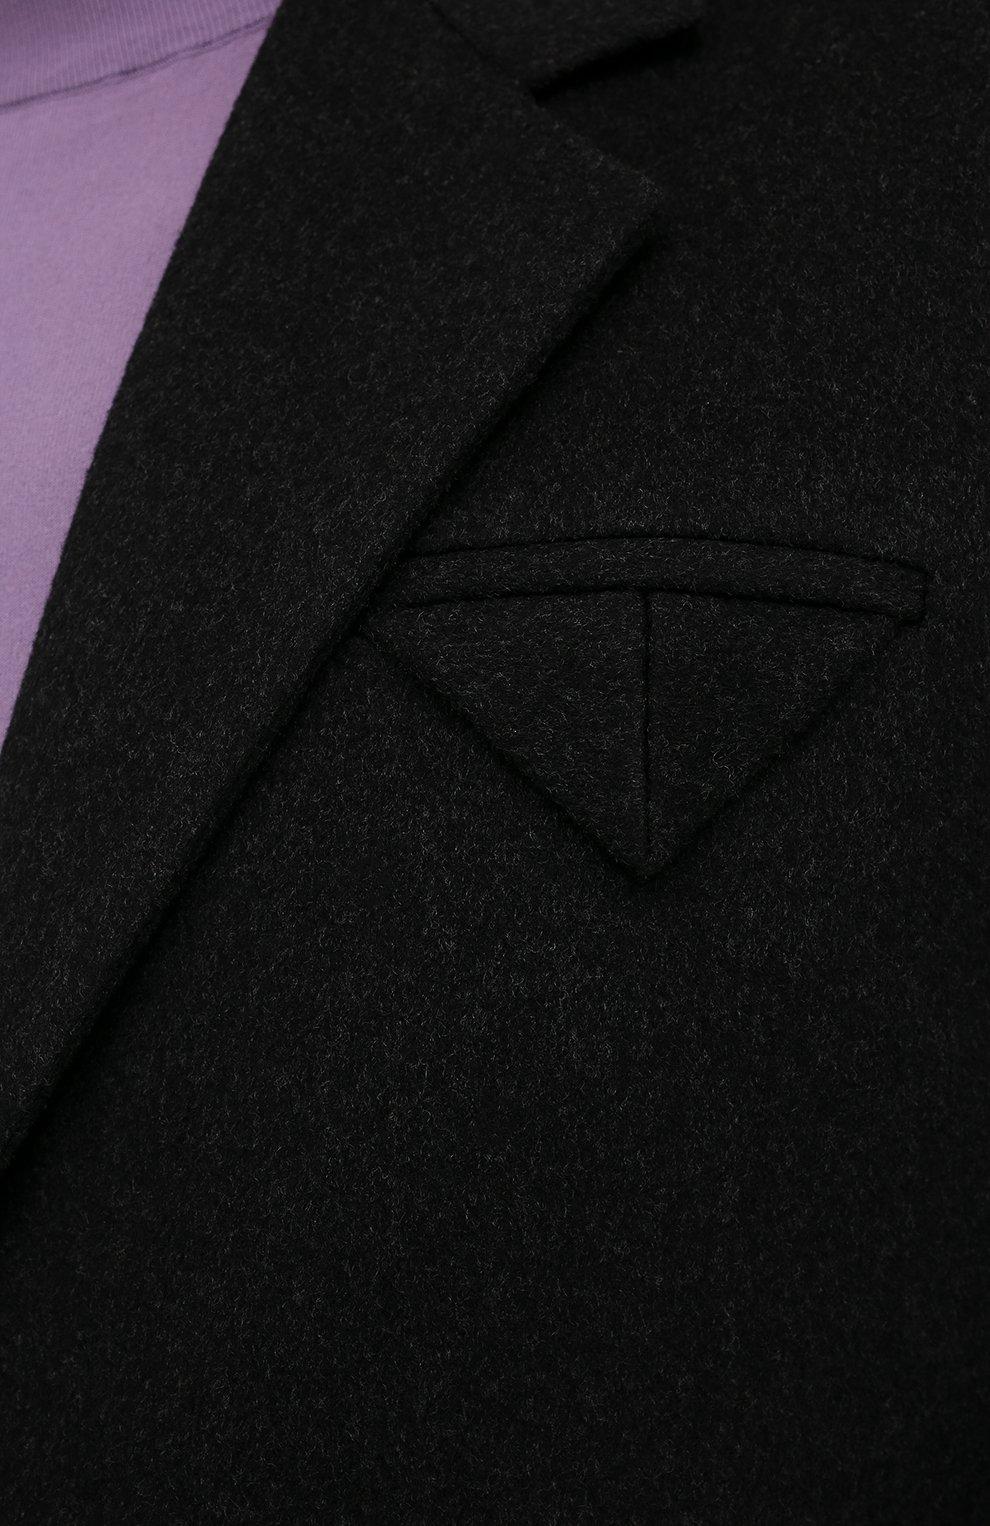 Мужской пальто из шерсти и кашемира BOTTEGA VENETA темно-серого цвета, арт. 650411/VKLU0   Фото 5 (Материал внешний: Шерсть; Рукава: Длинные; Длина (верхняя одежда): До колена; Материал подклада: Вискоза; Мужское Кросс-КТ: пальто-верхняя одежда; Стили: Минимализм)